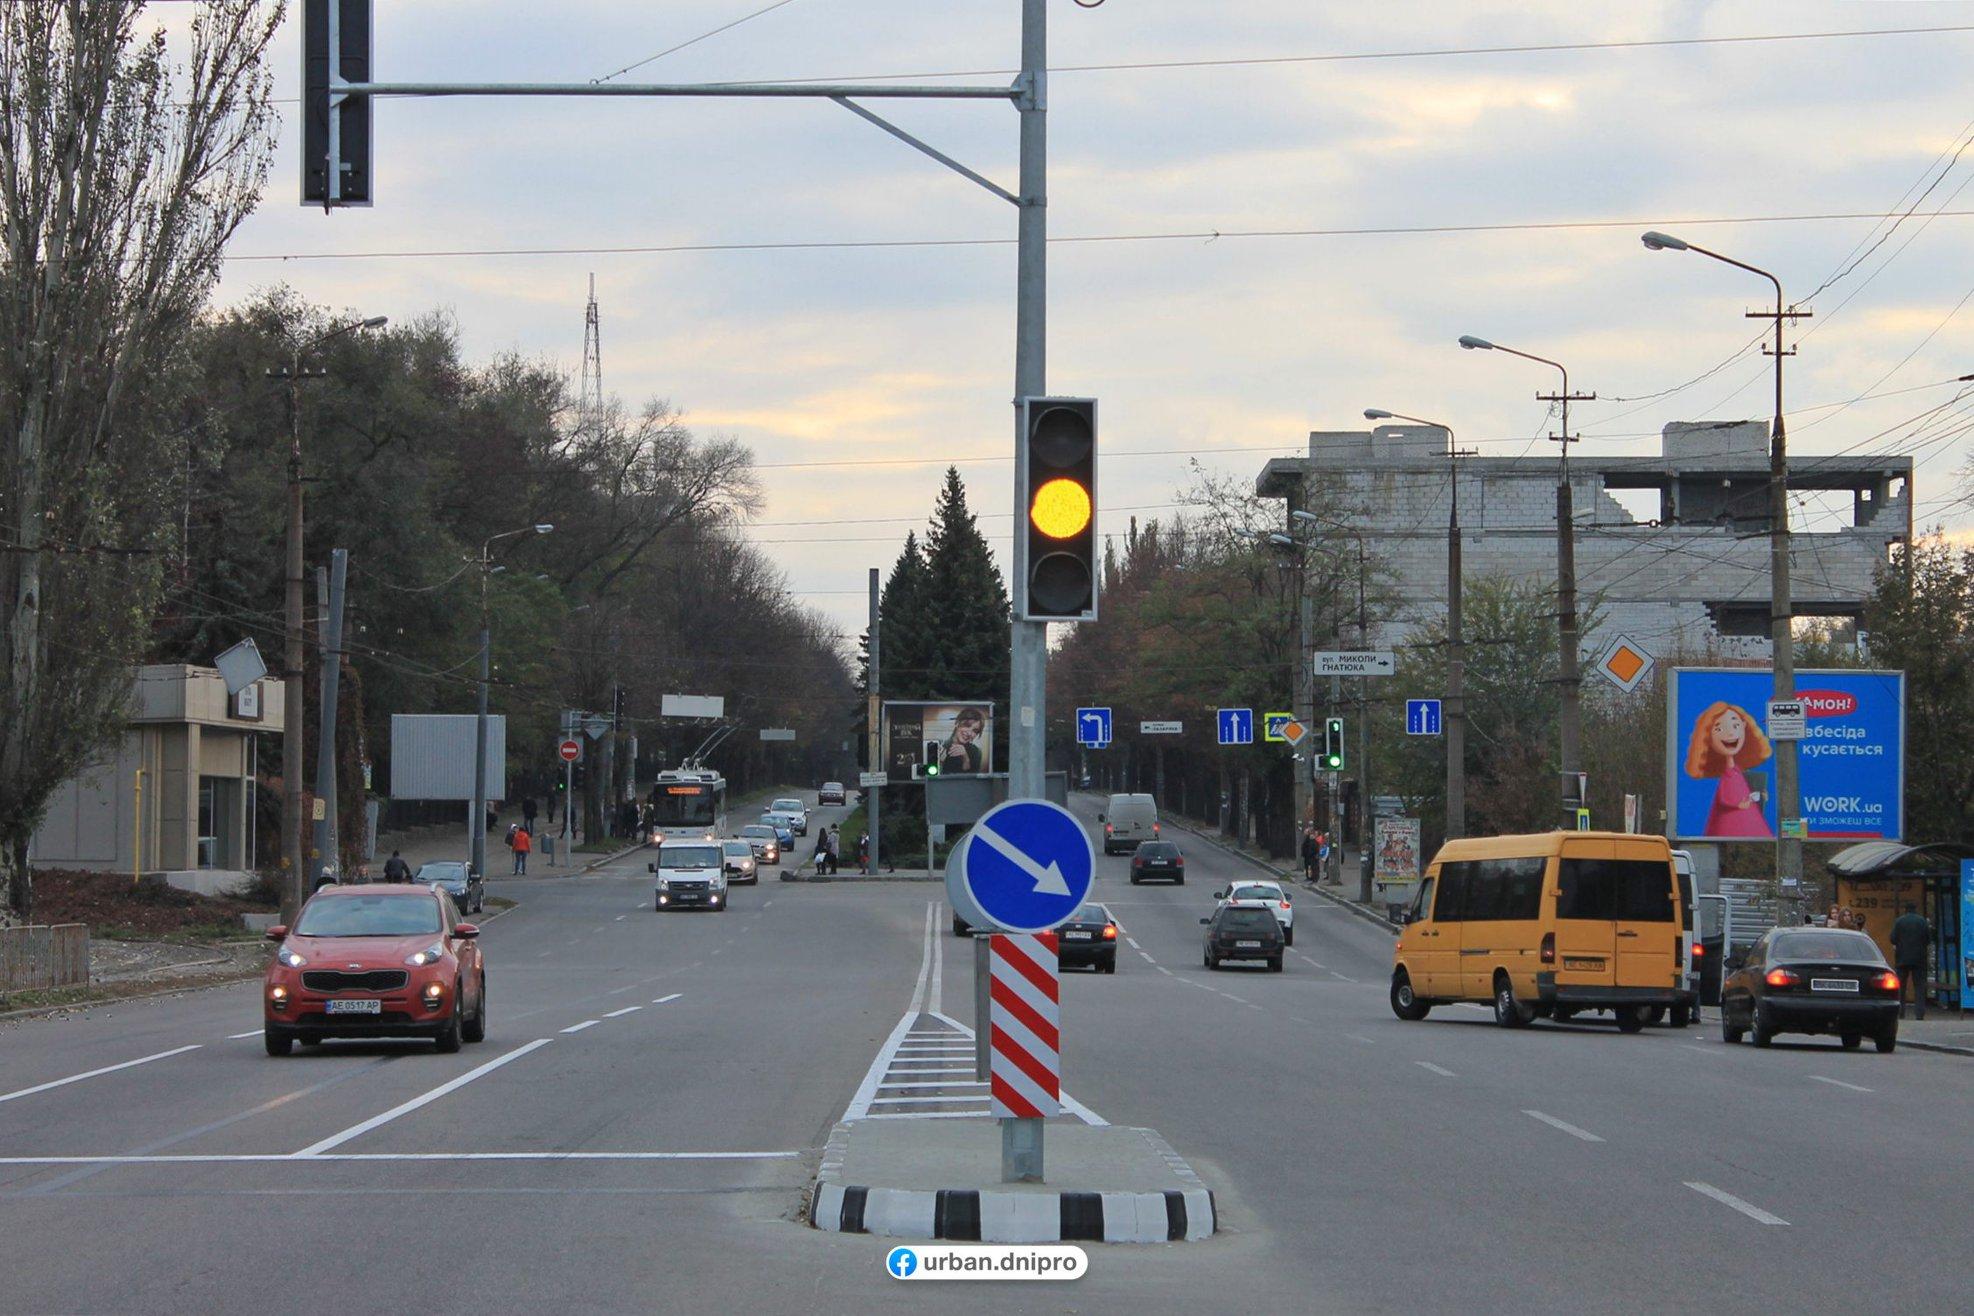 Один из проспектов Днепра стал более безопасным: где и что сделали. Новости Днепра